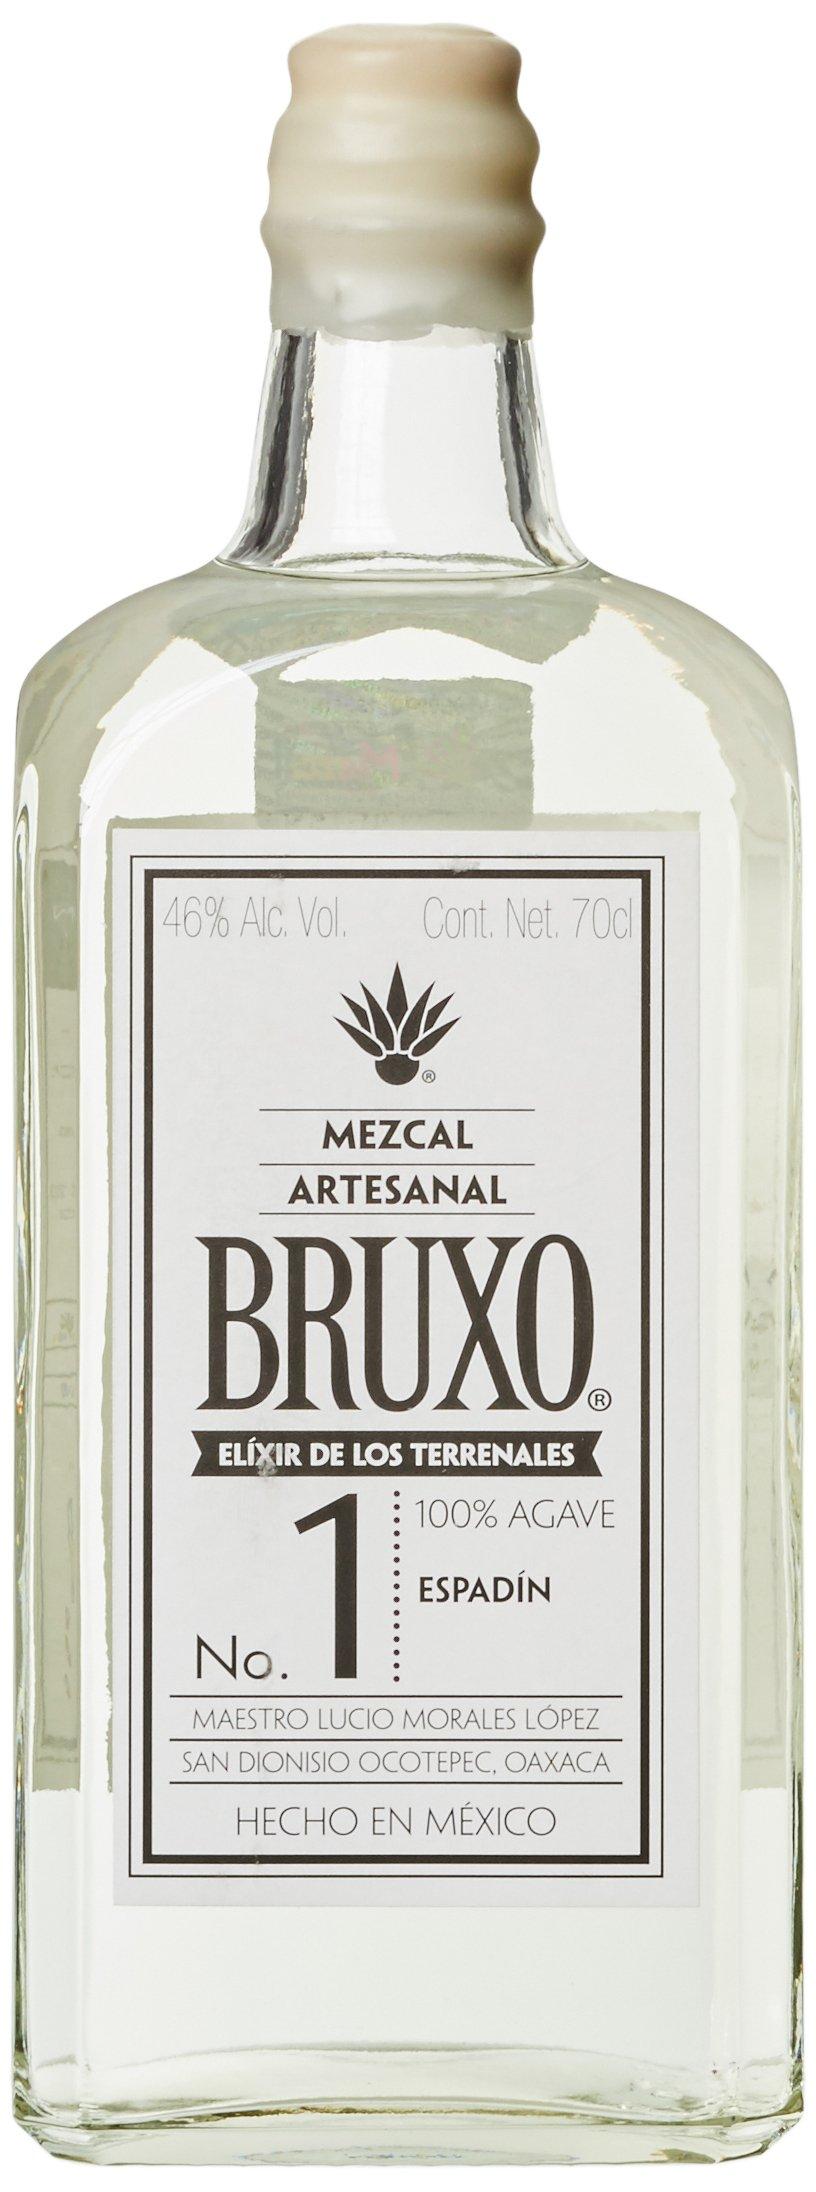 Bruxo-No-1-Mezcal-Espadn-Tequila-1-x-07-l